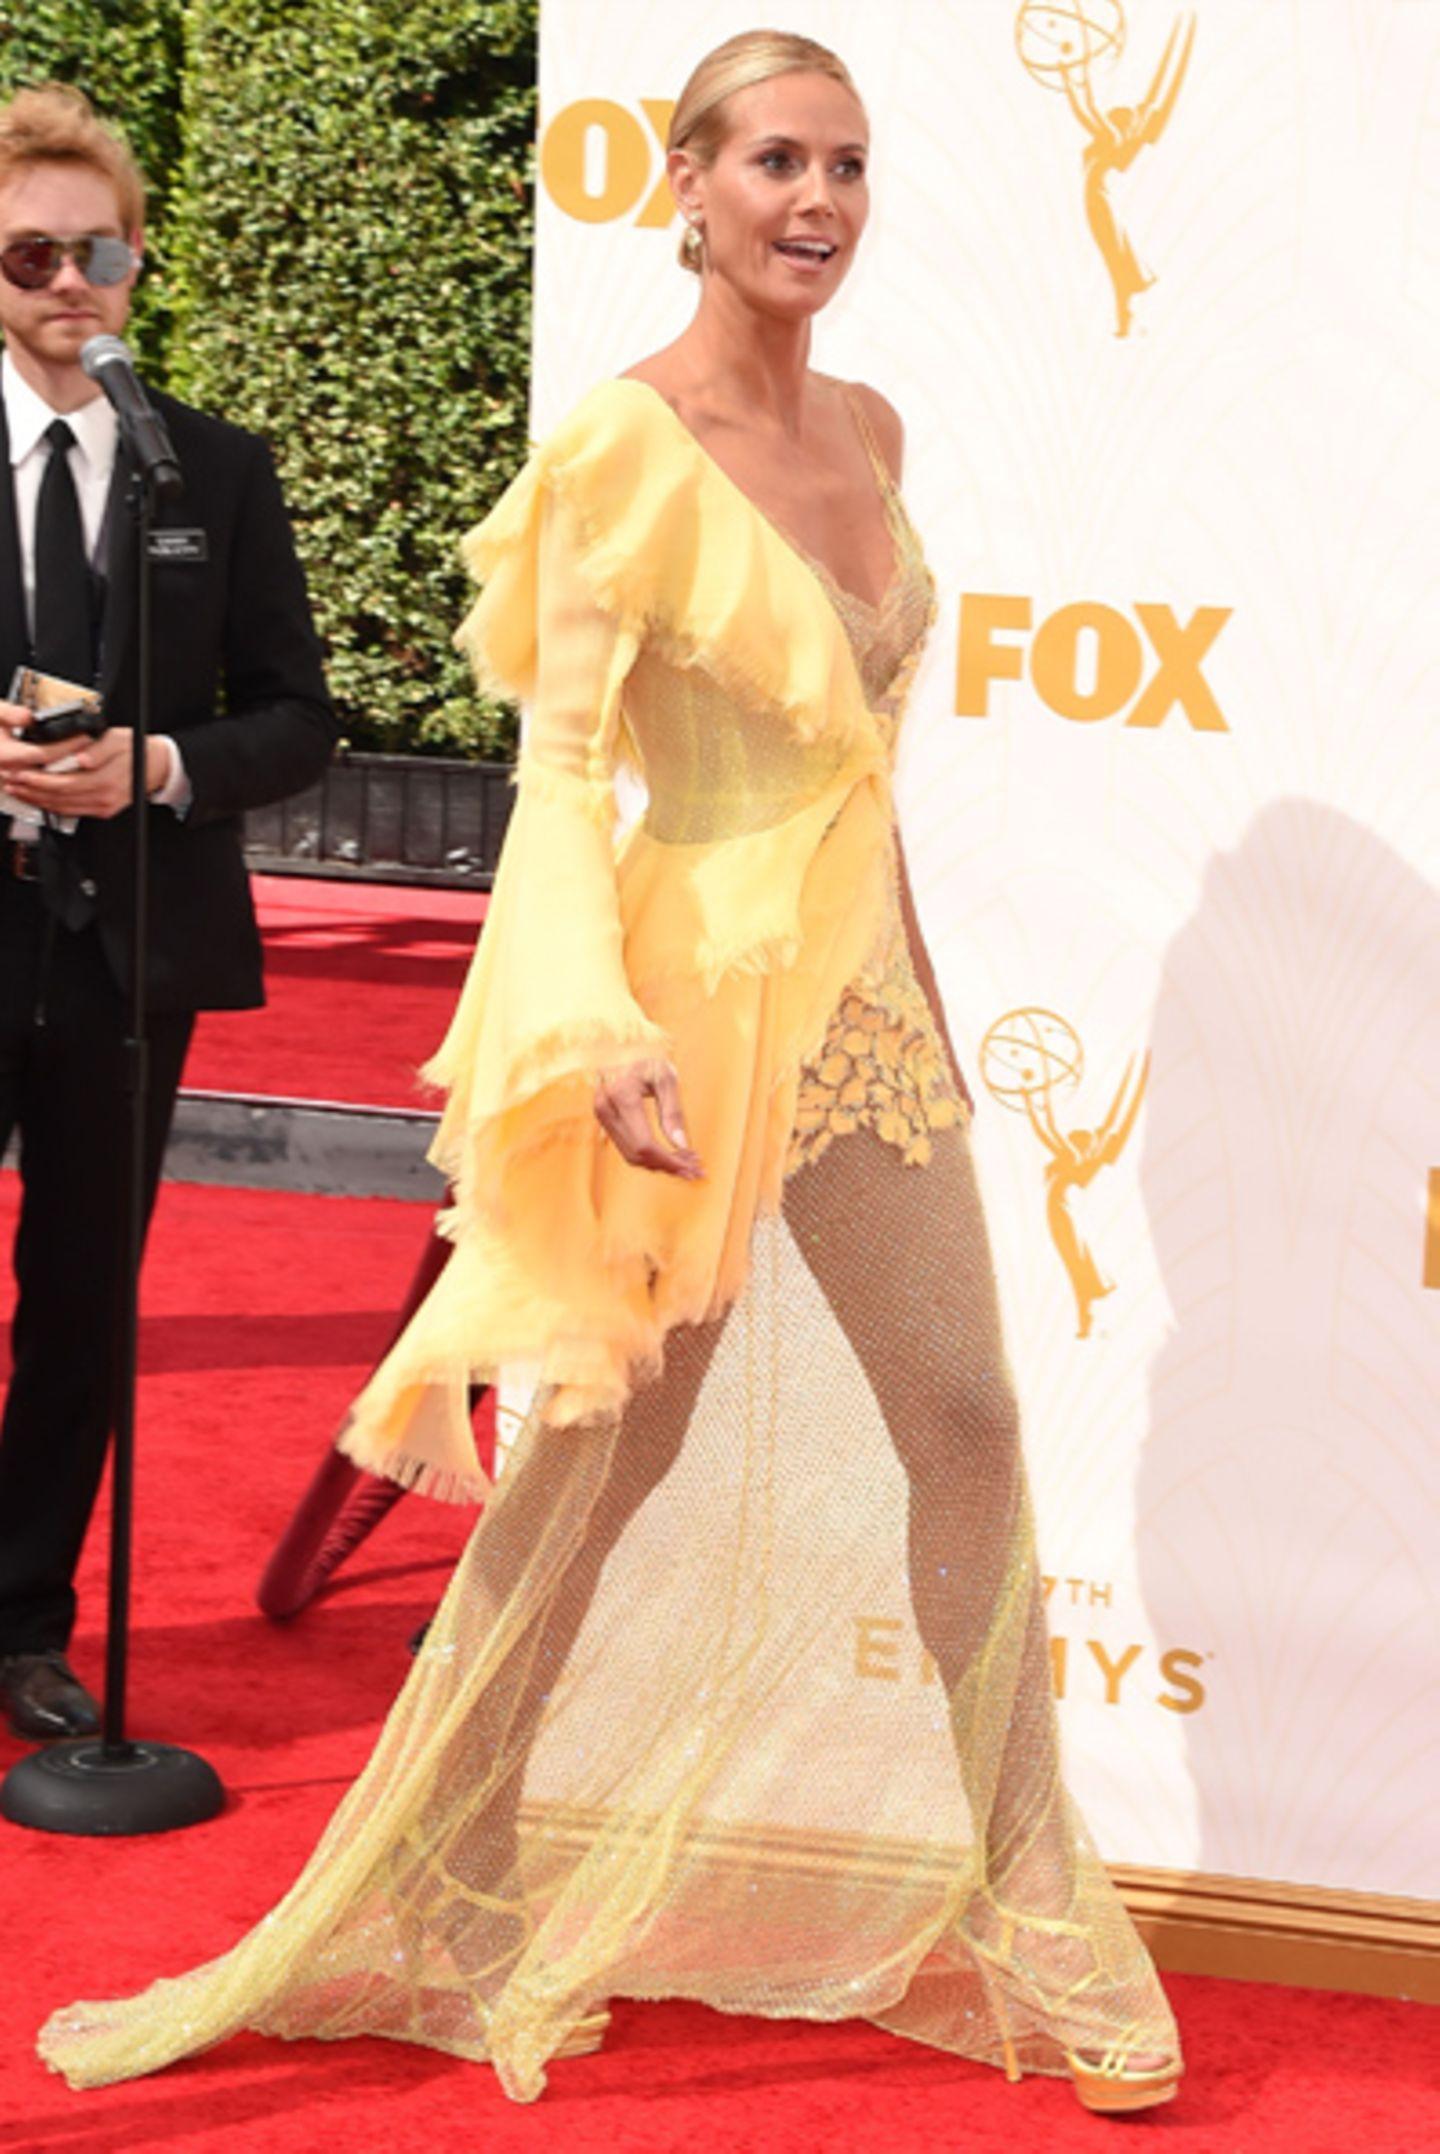 """Nachdem der """"Naughty Spoon"""" auf ihrem entblößten Hinterteil für jede Menge Aufgregung gesorgt hat, kündigt sich in dem Bibo-gelben Chiffon-Fetzen nun der nächste Shitstorm an. Unser Flop 1: Heidi Klum in einem gelben Alptraum-Kleid von Versace."""